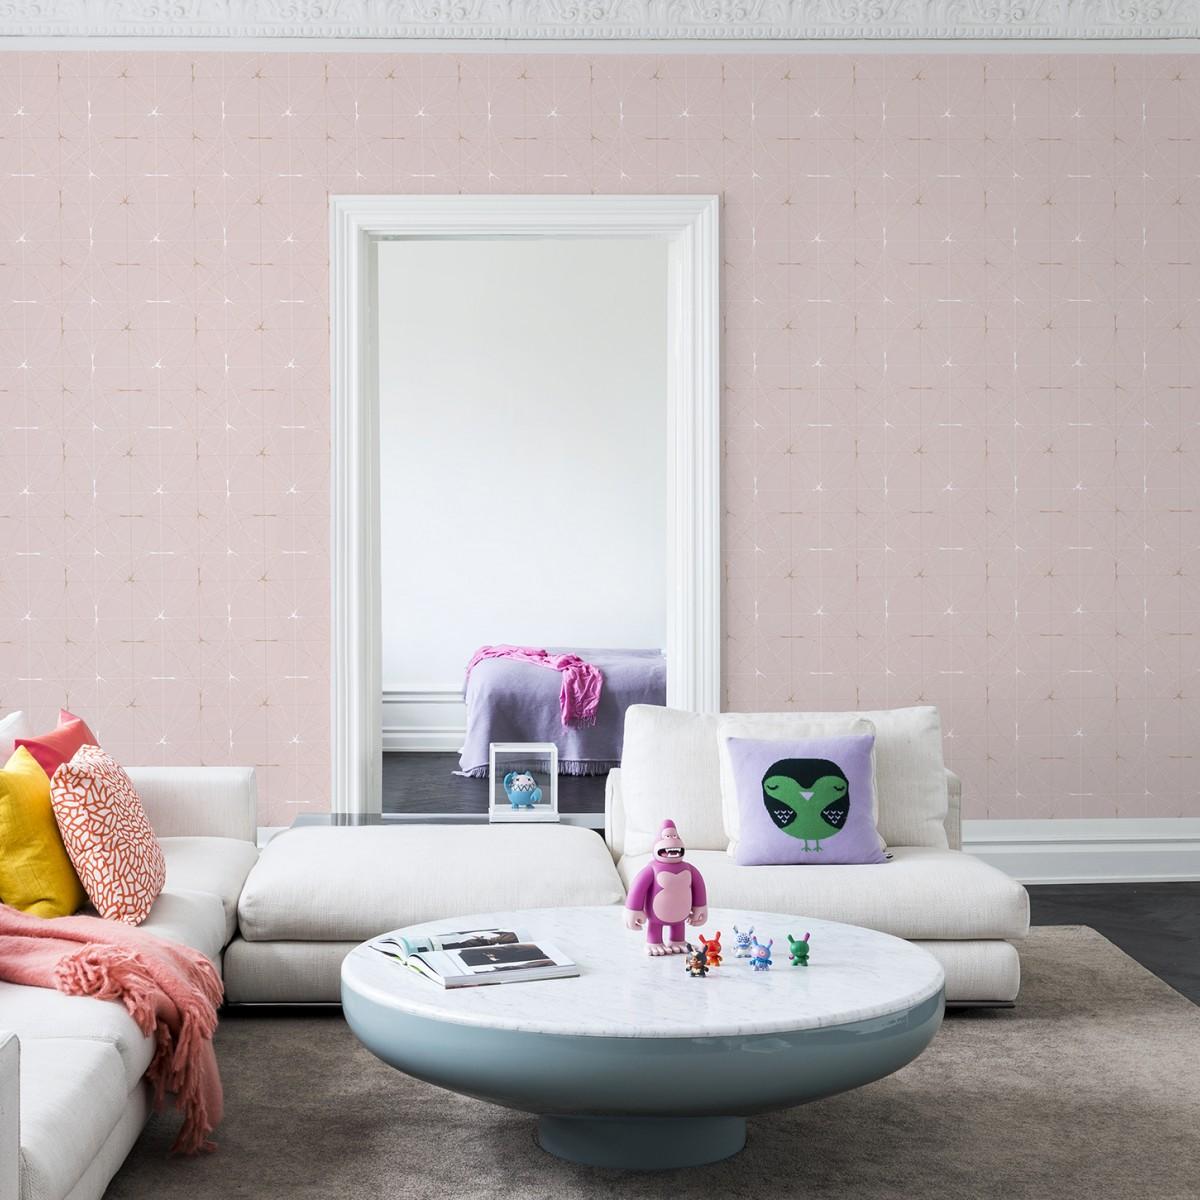 Fototapet Perfect Fit, Powder Pink, personalizat, repetitiv, Rebel Walls